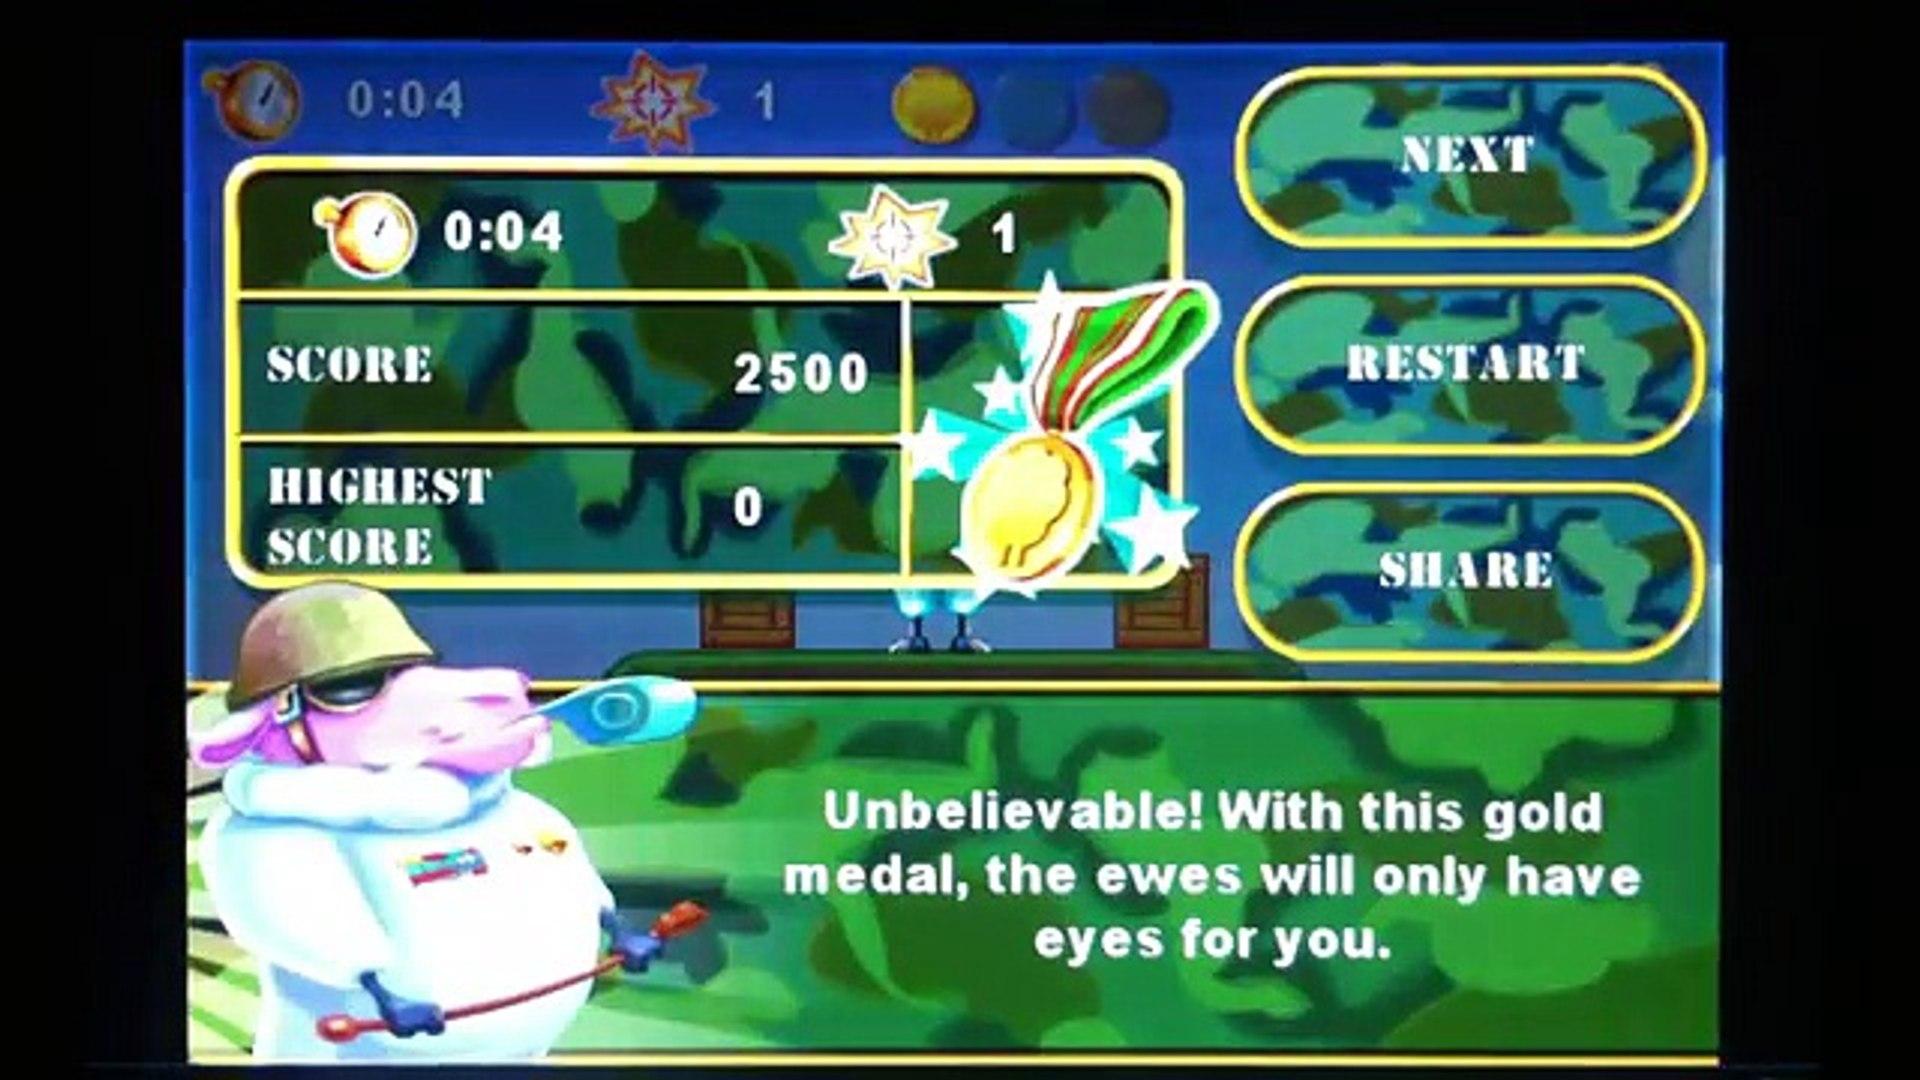 Спасти рядового овец просмотра в HD качестве 720р